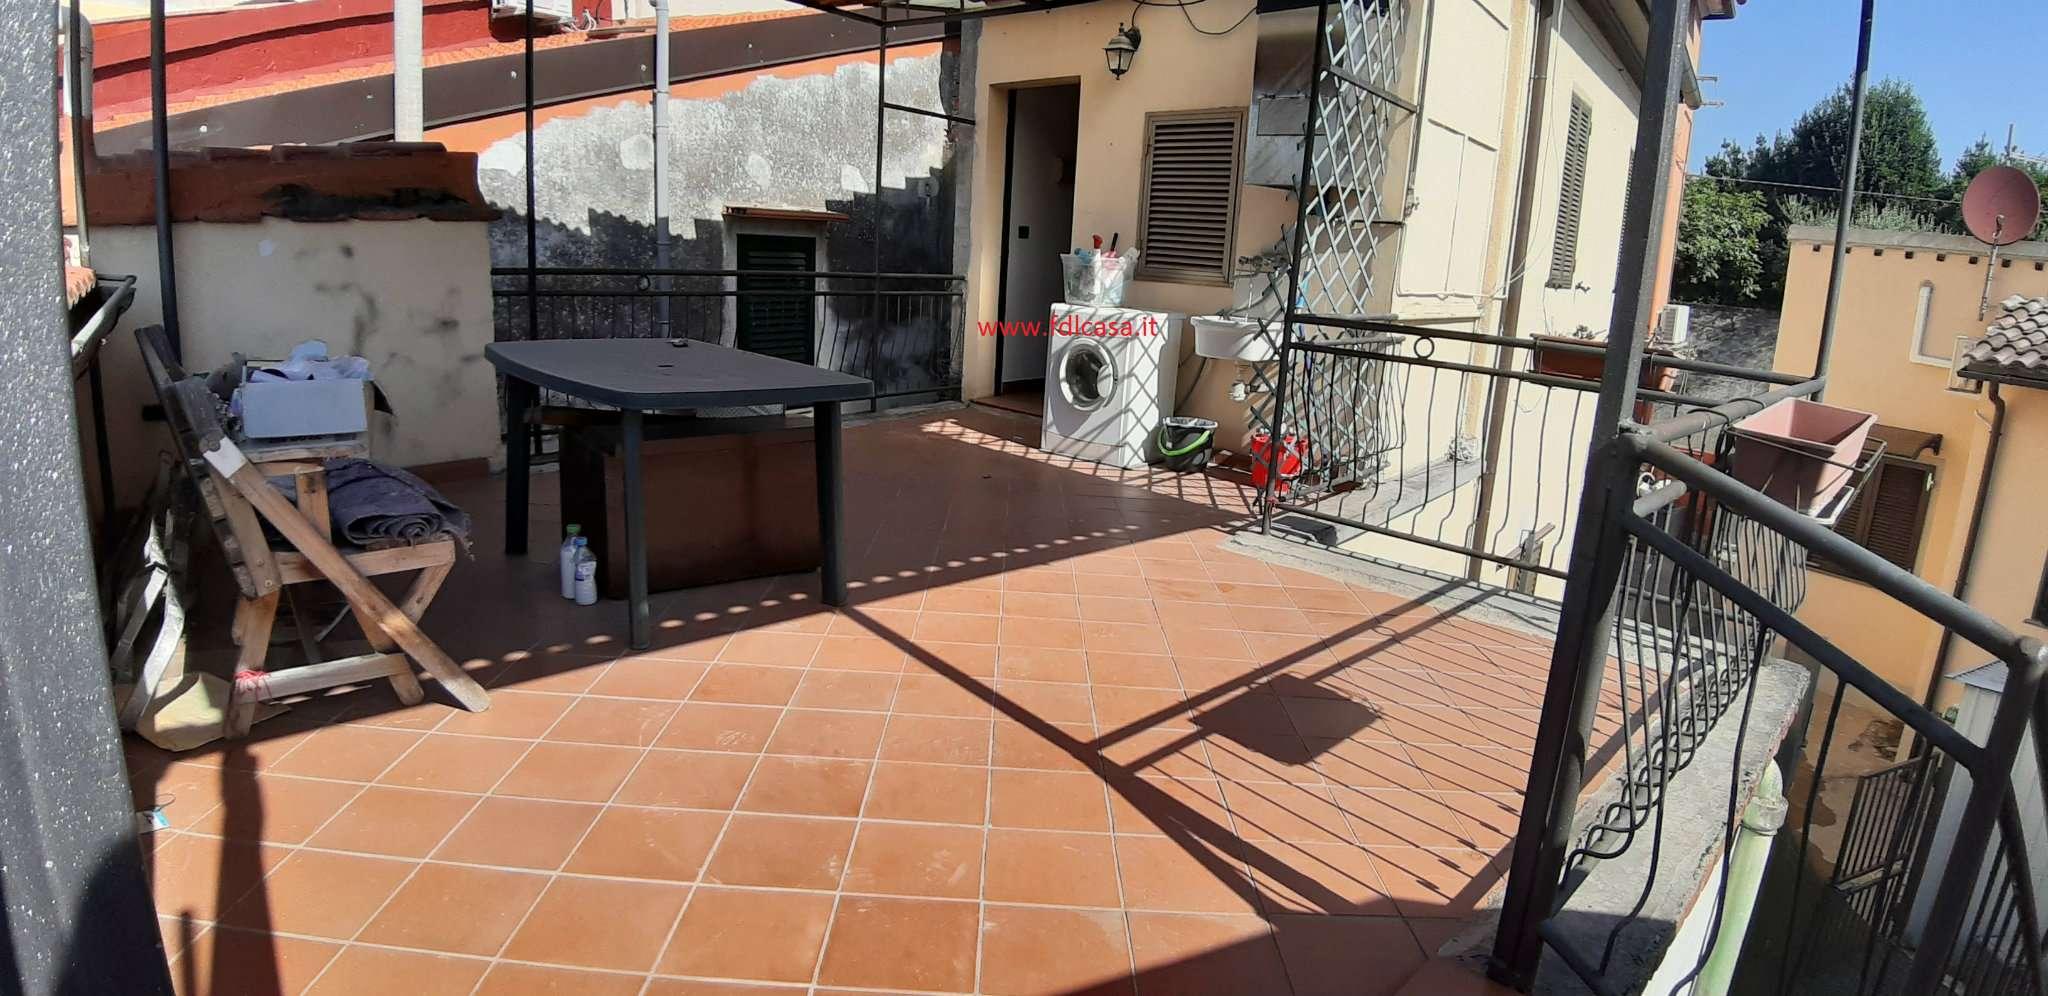 Appartamento in vendita a Pisa, 4 locali, prezzo € 88.000 | PortaleAgenzieImmobiliari.it